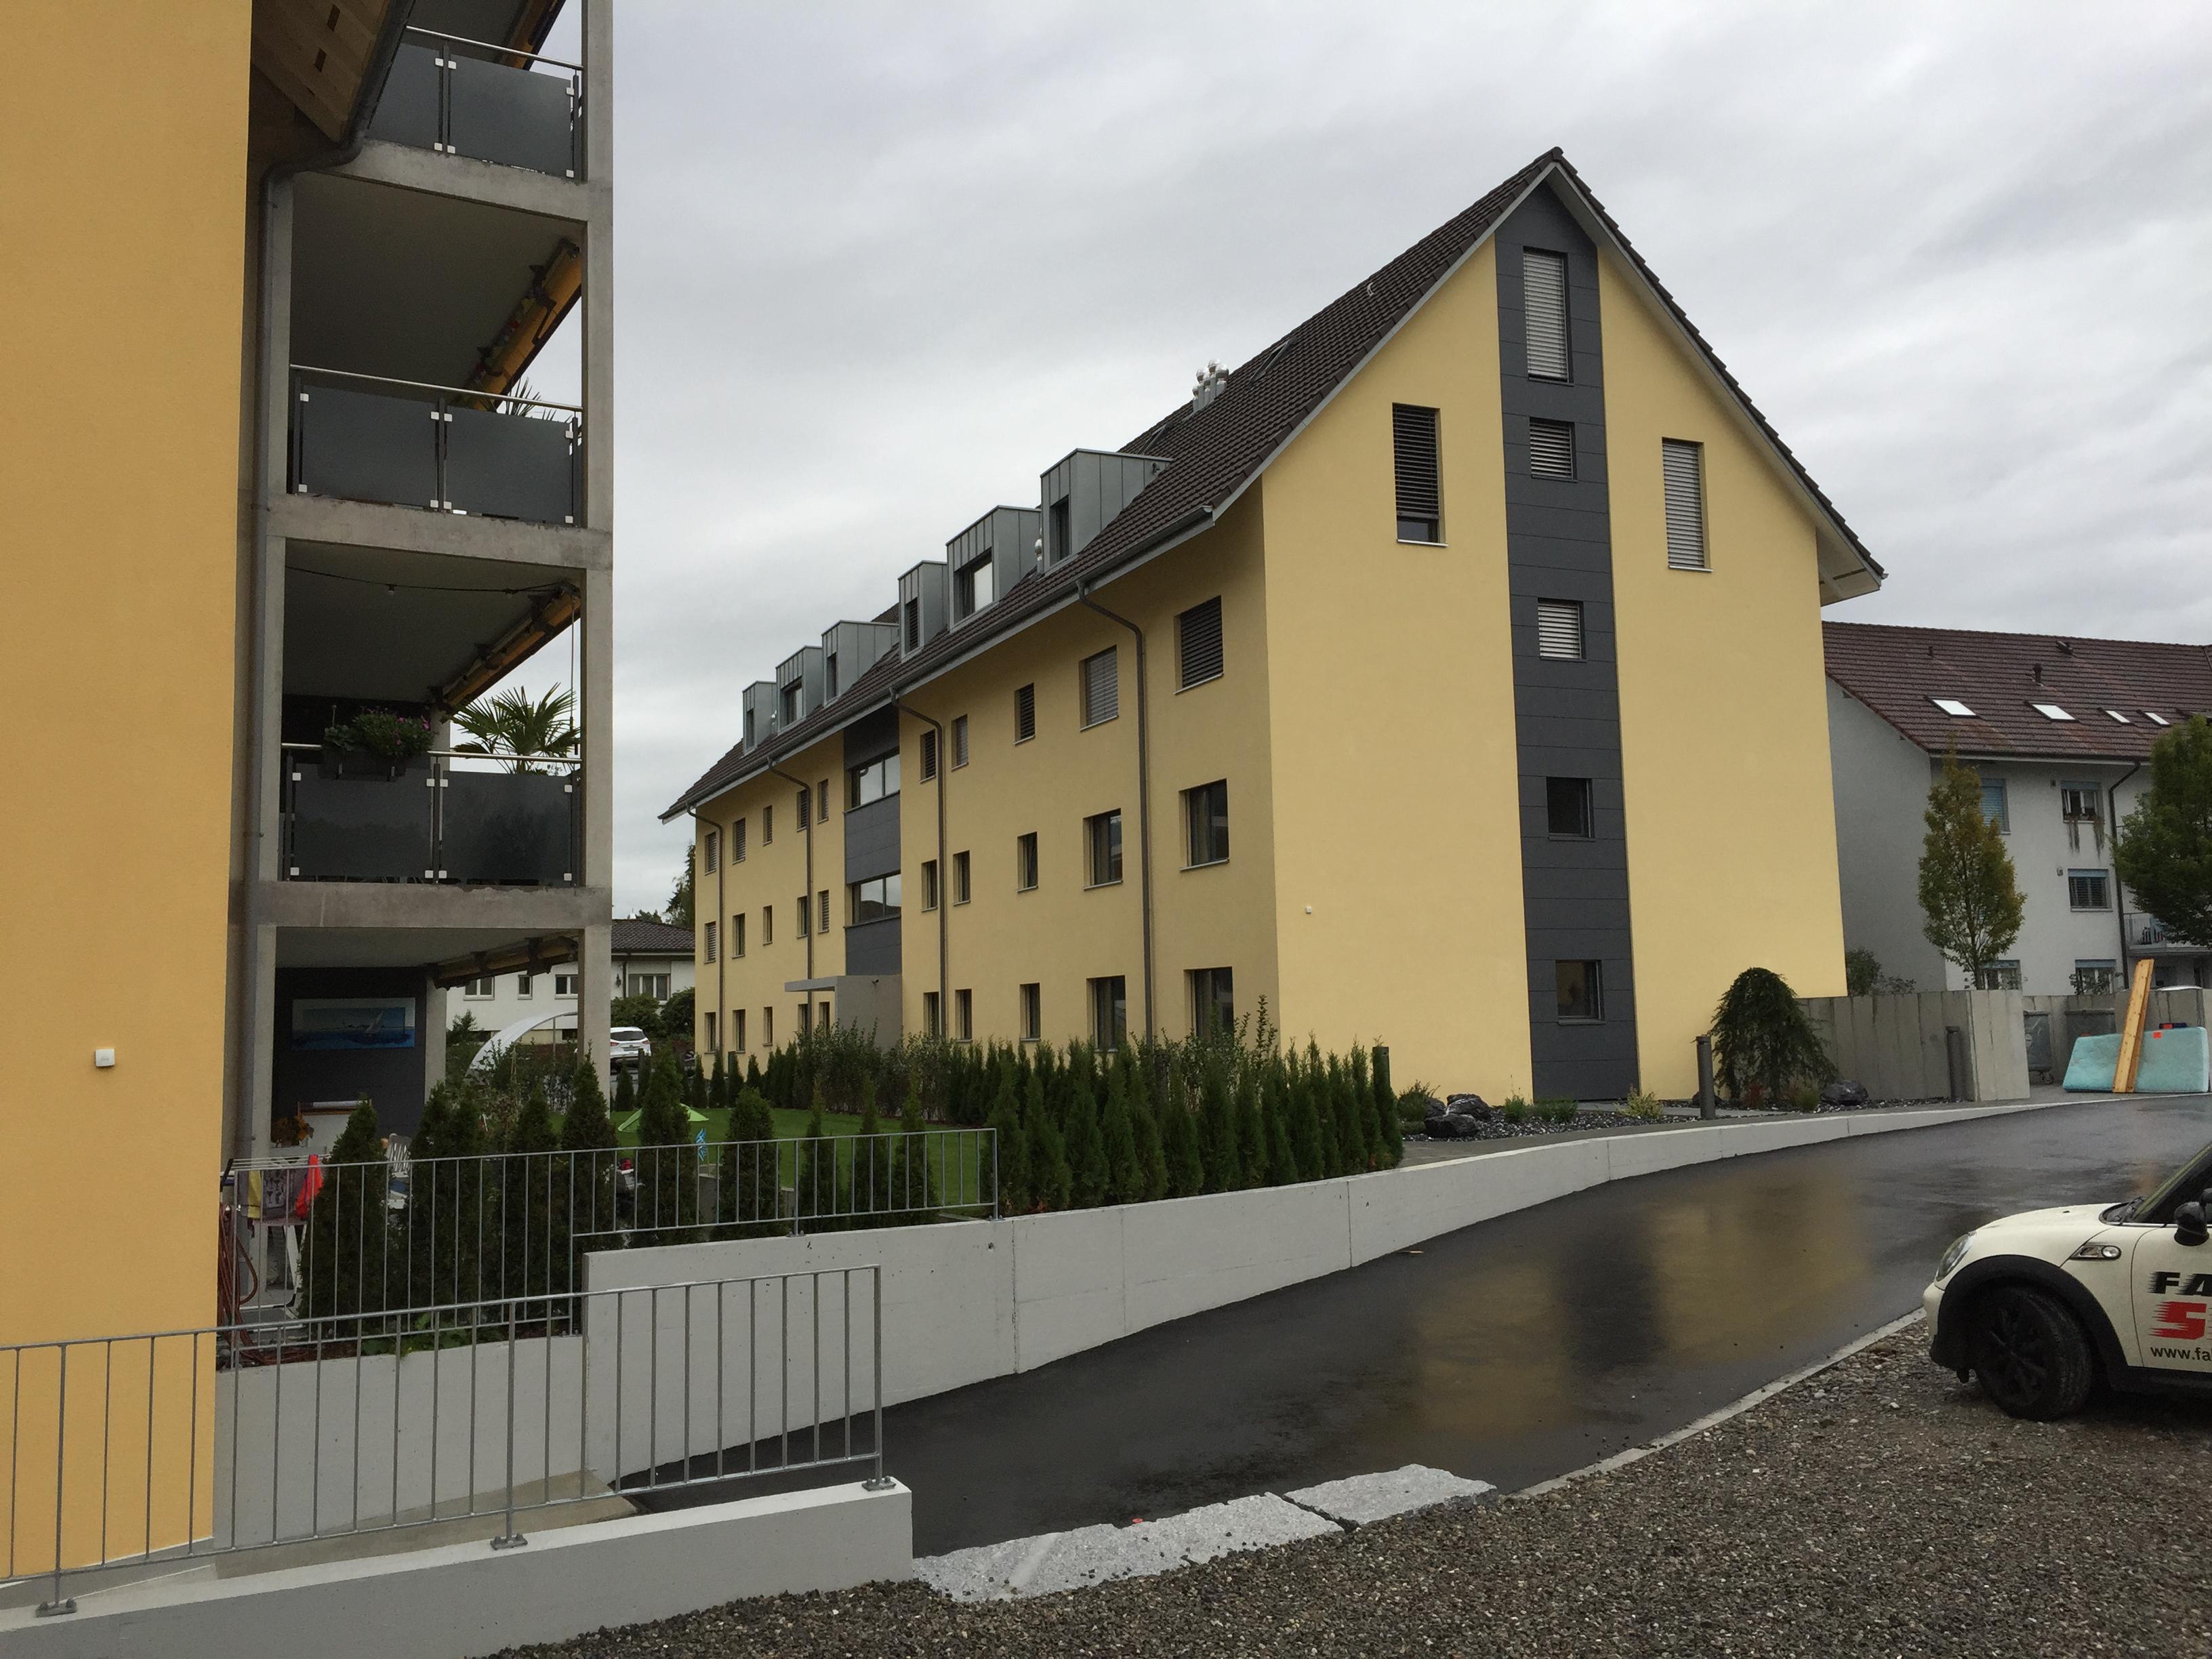 3 MFH in Nesselnbach